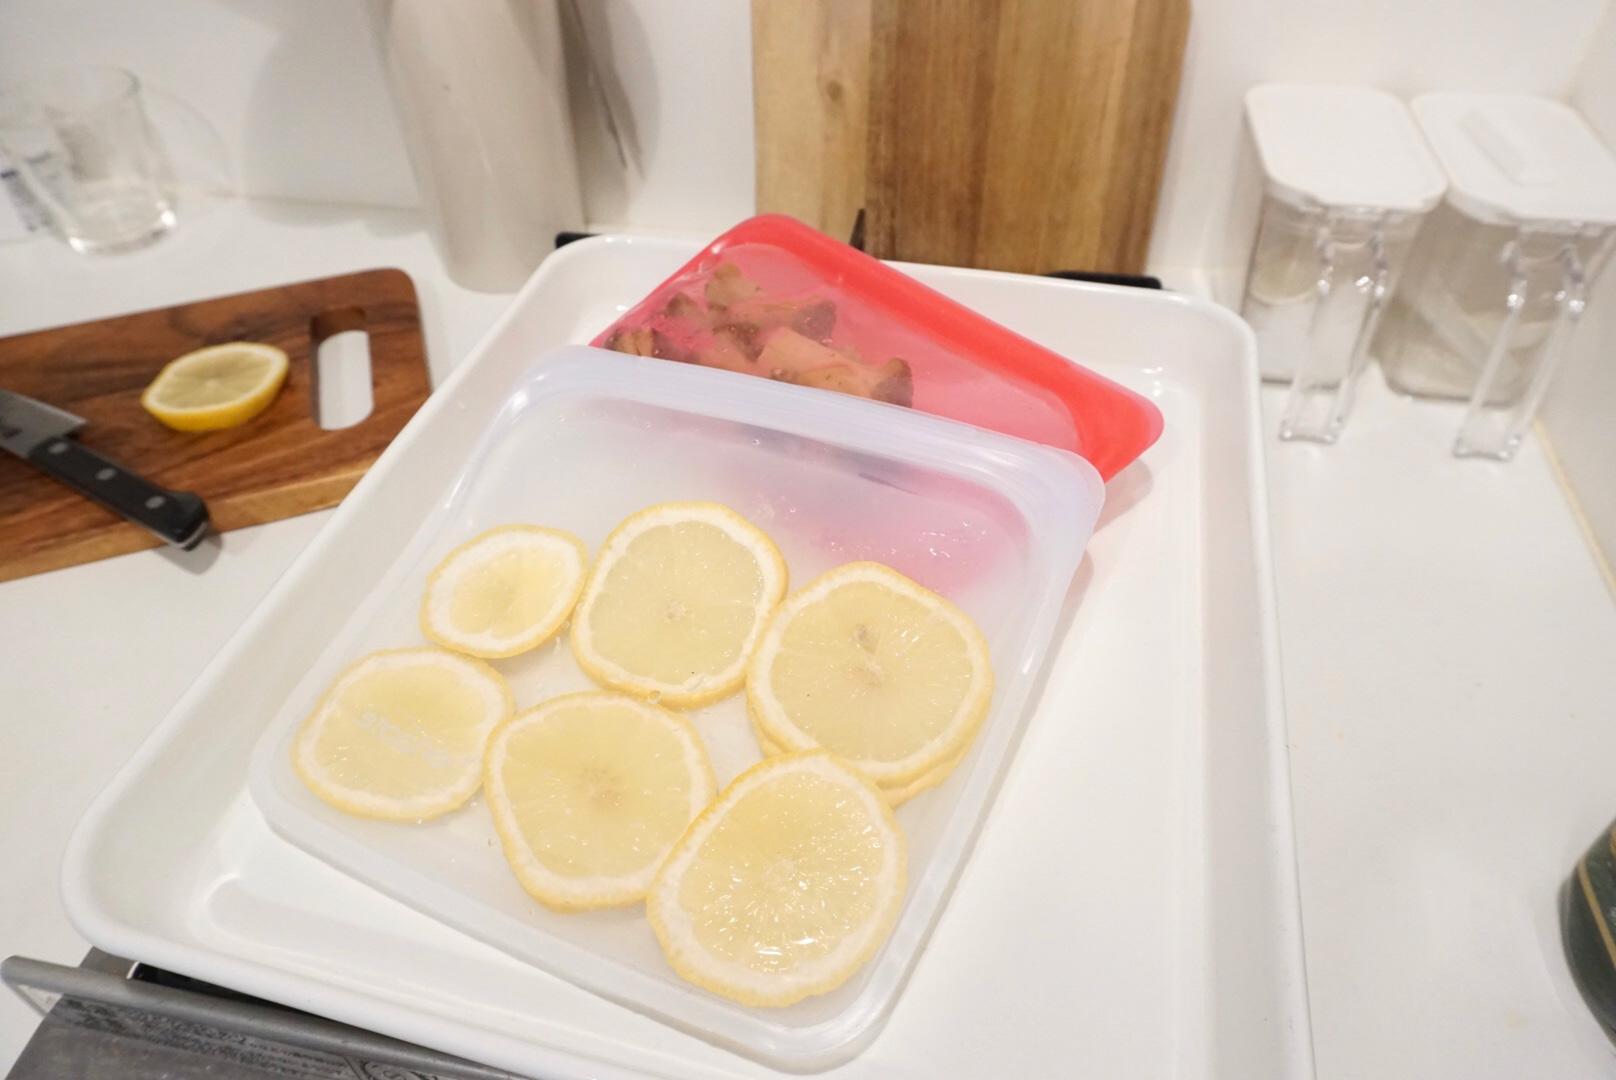 保存から調理までこれ一つ!繰り返し使えるプラスチックフリーの保存容器「スタッシャー」